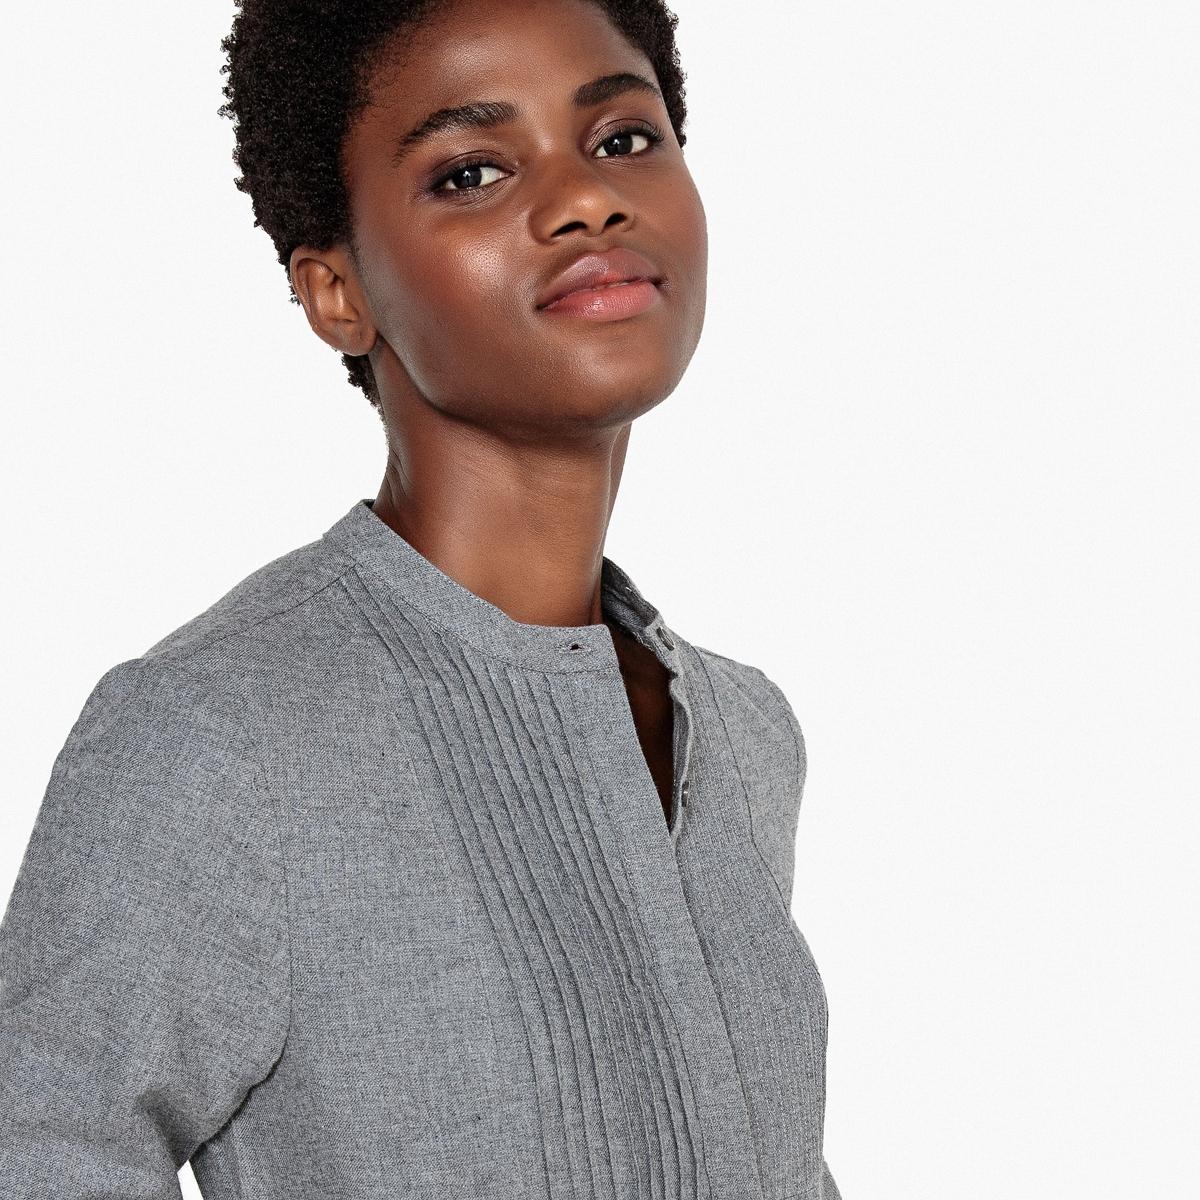 Рубашка с пиджачным воротником и длинными рукавами, 100% хлопок рубашка узкая 100% хлопок